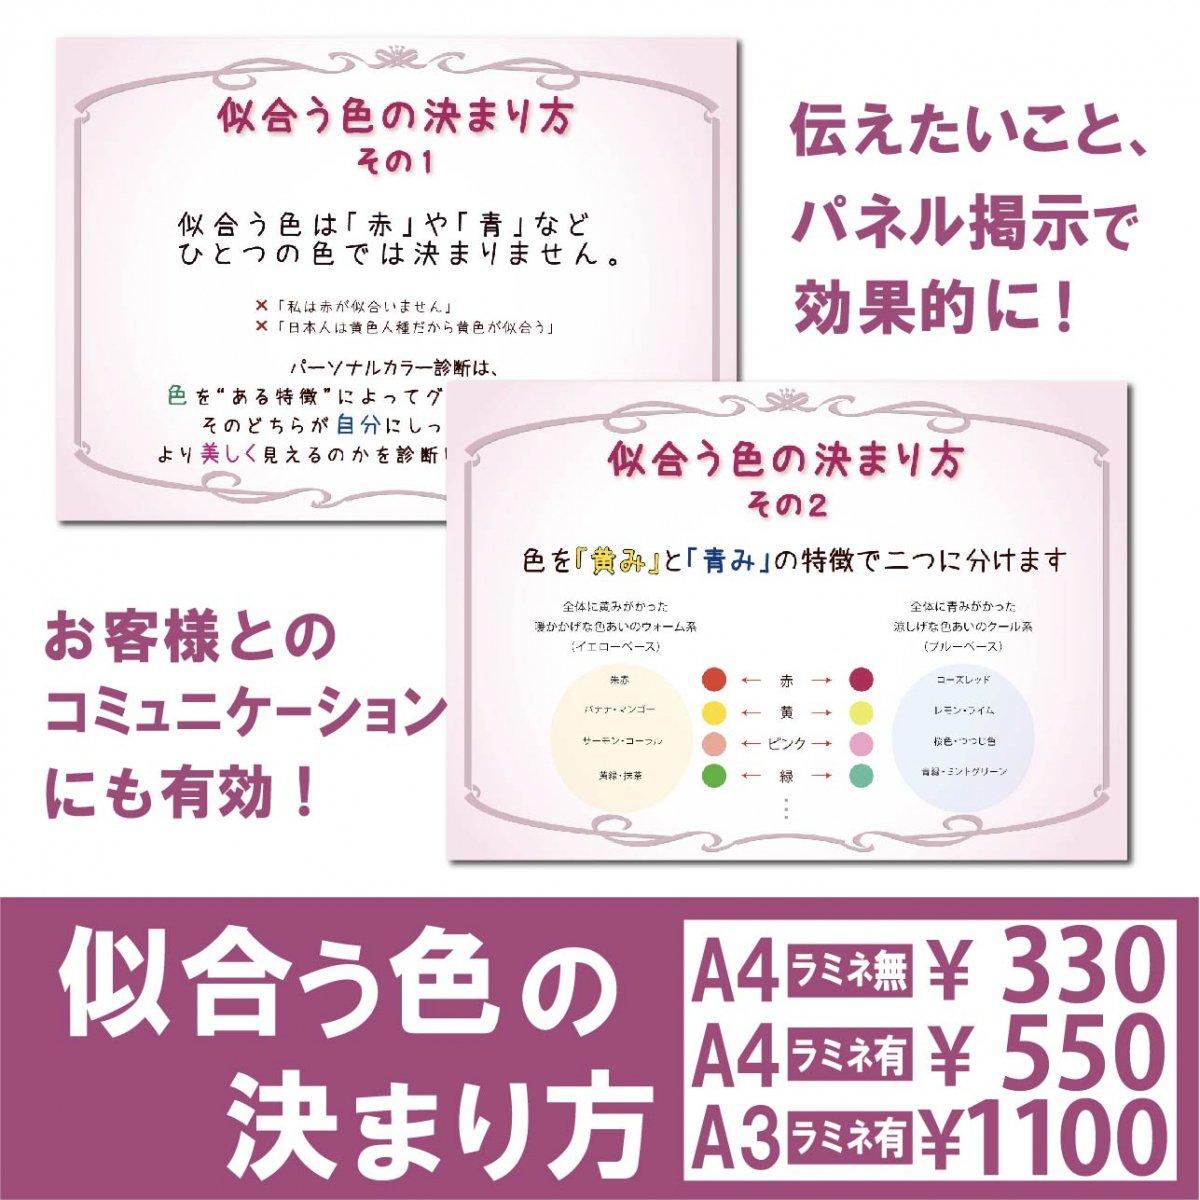 パネルポスター・似合う色の決まり方(1)A3版